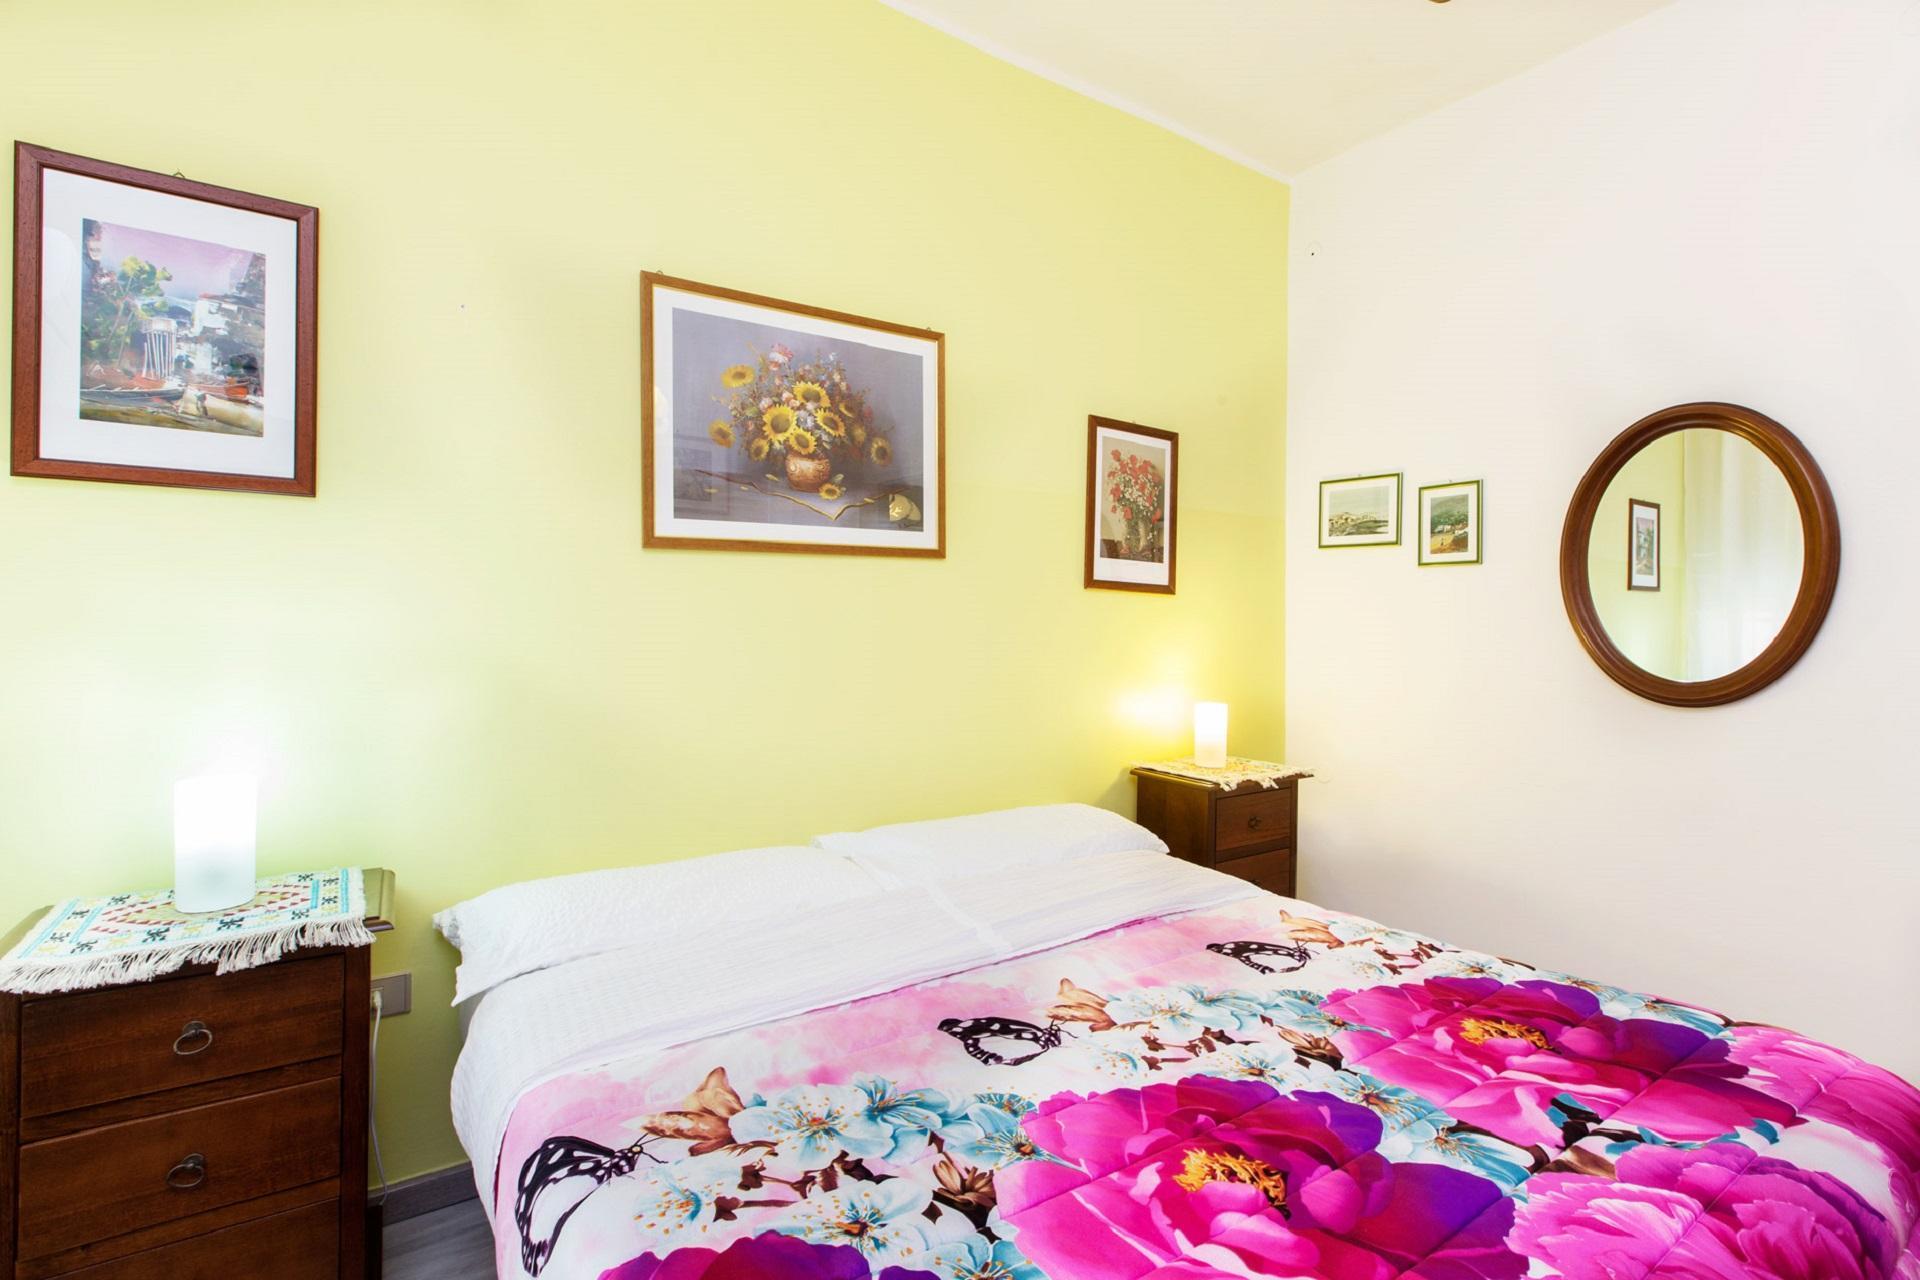 Urlaub in Sardinien Wohnung Argentiera 3 Zimmer Cagliari